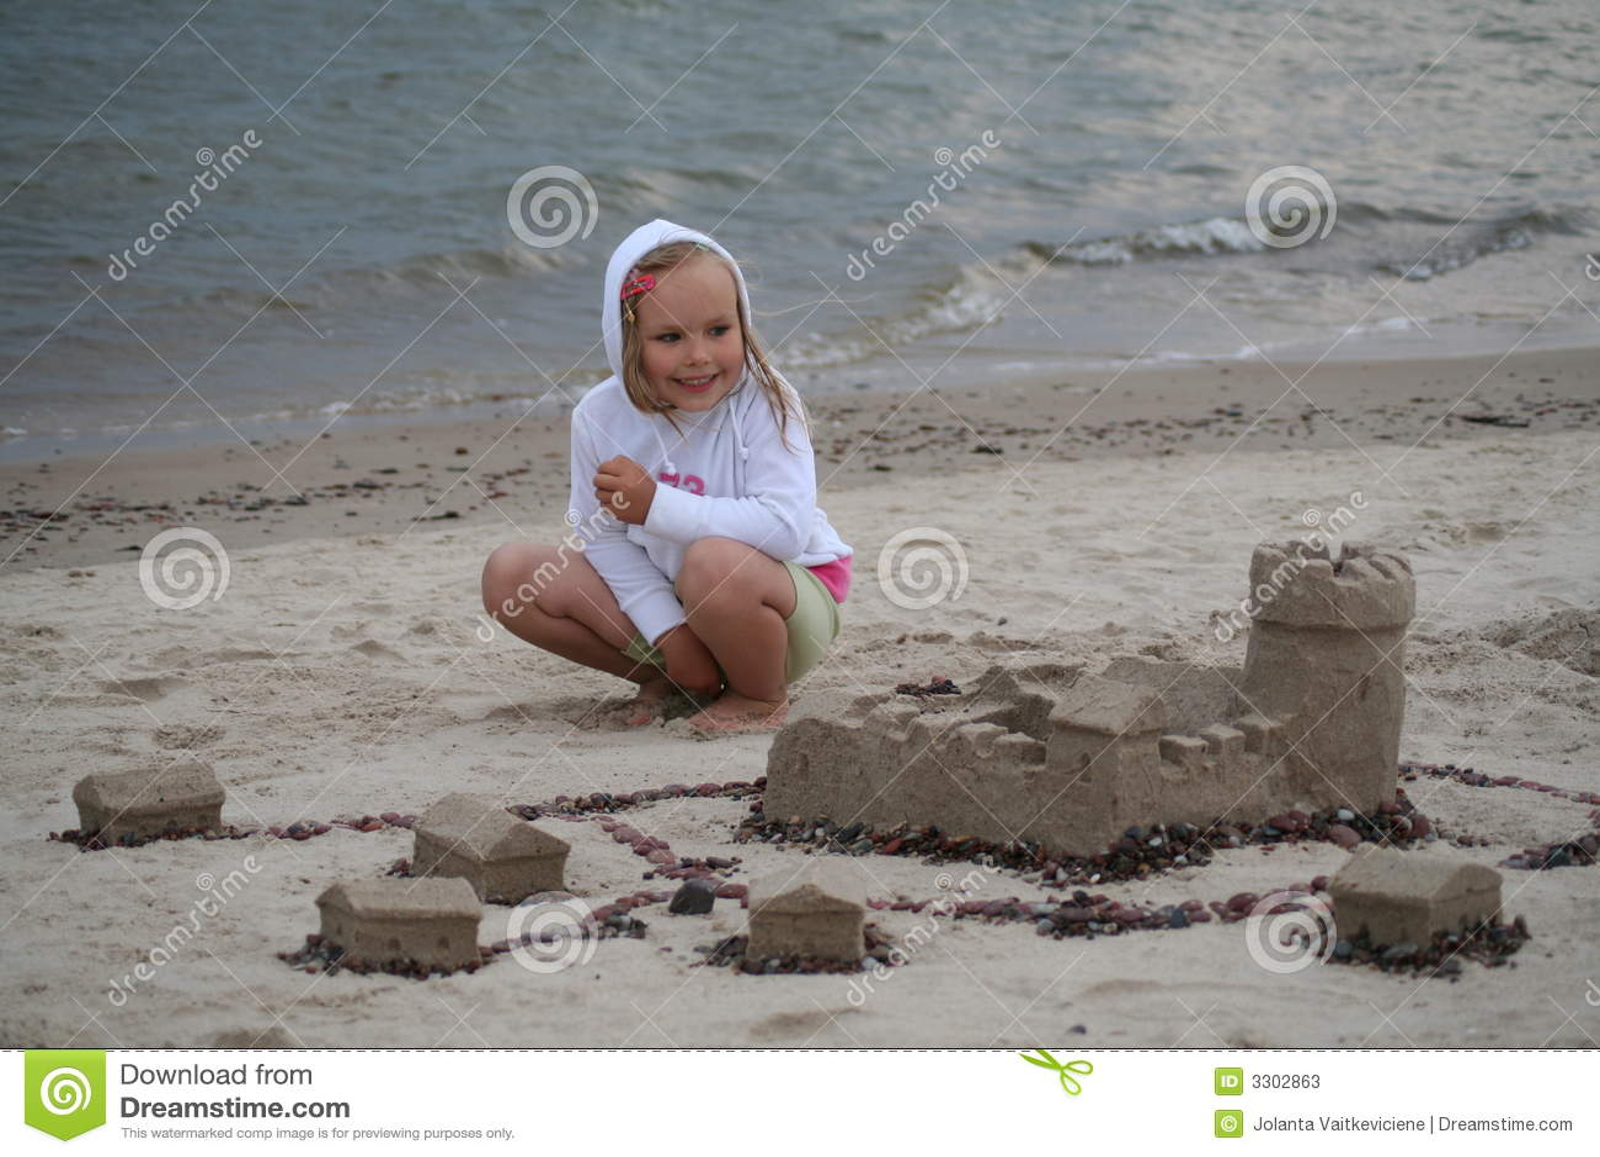 De bouwer van het zandkasteel